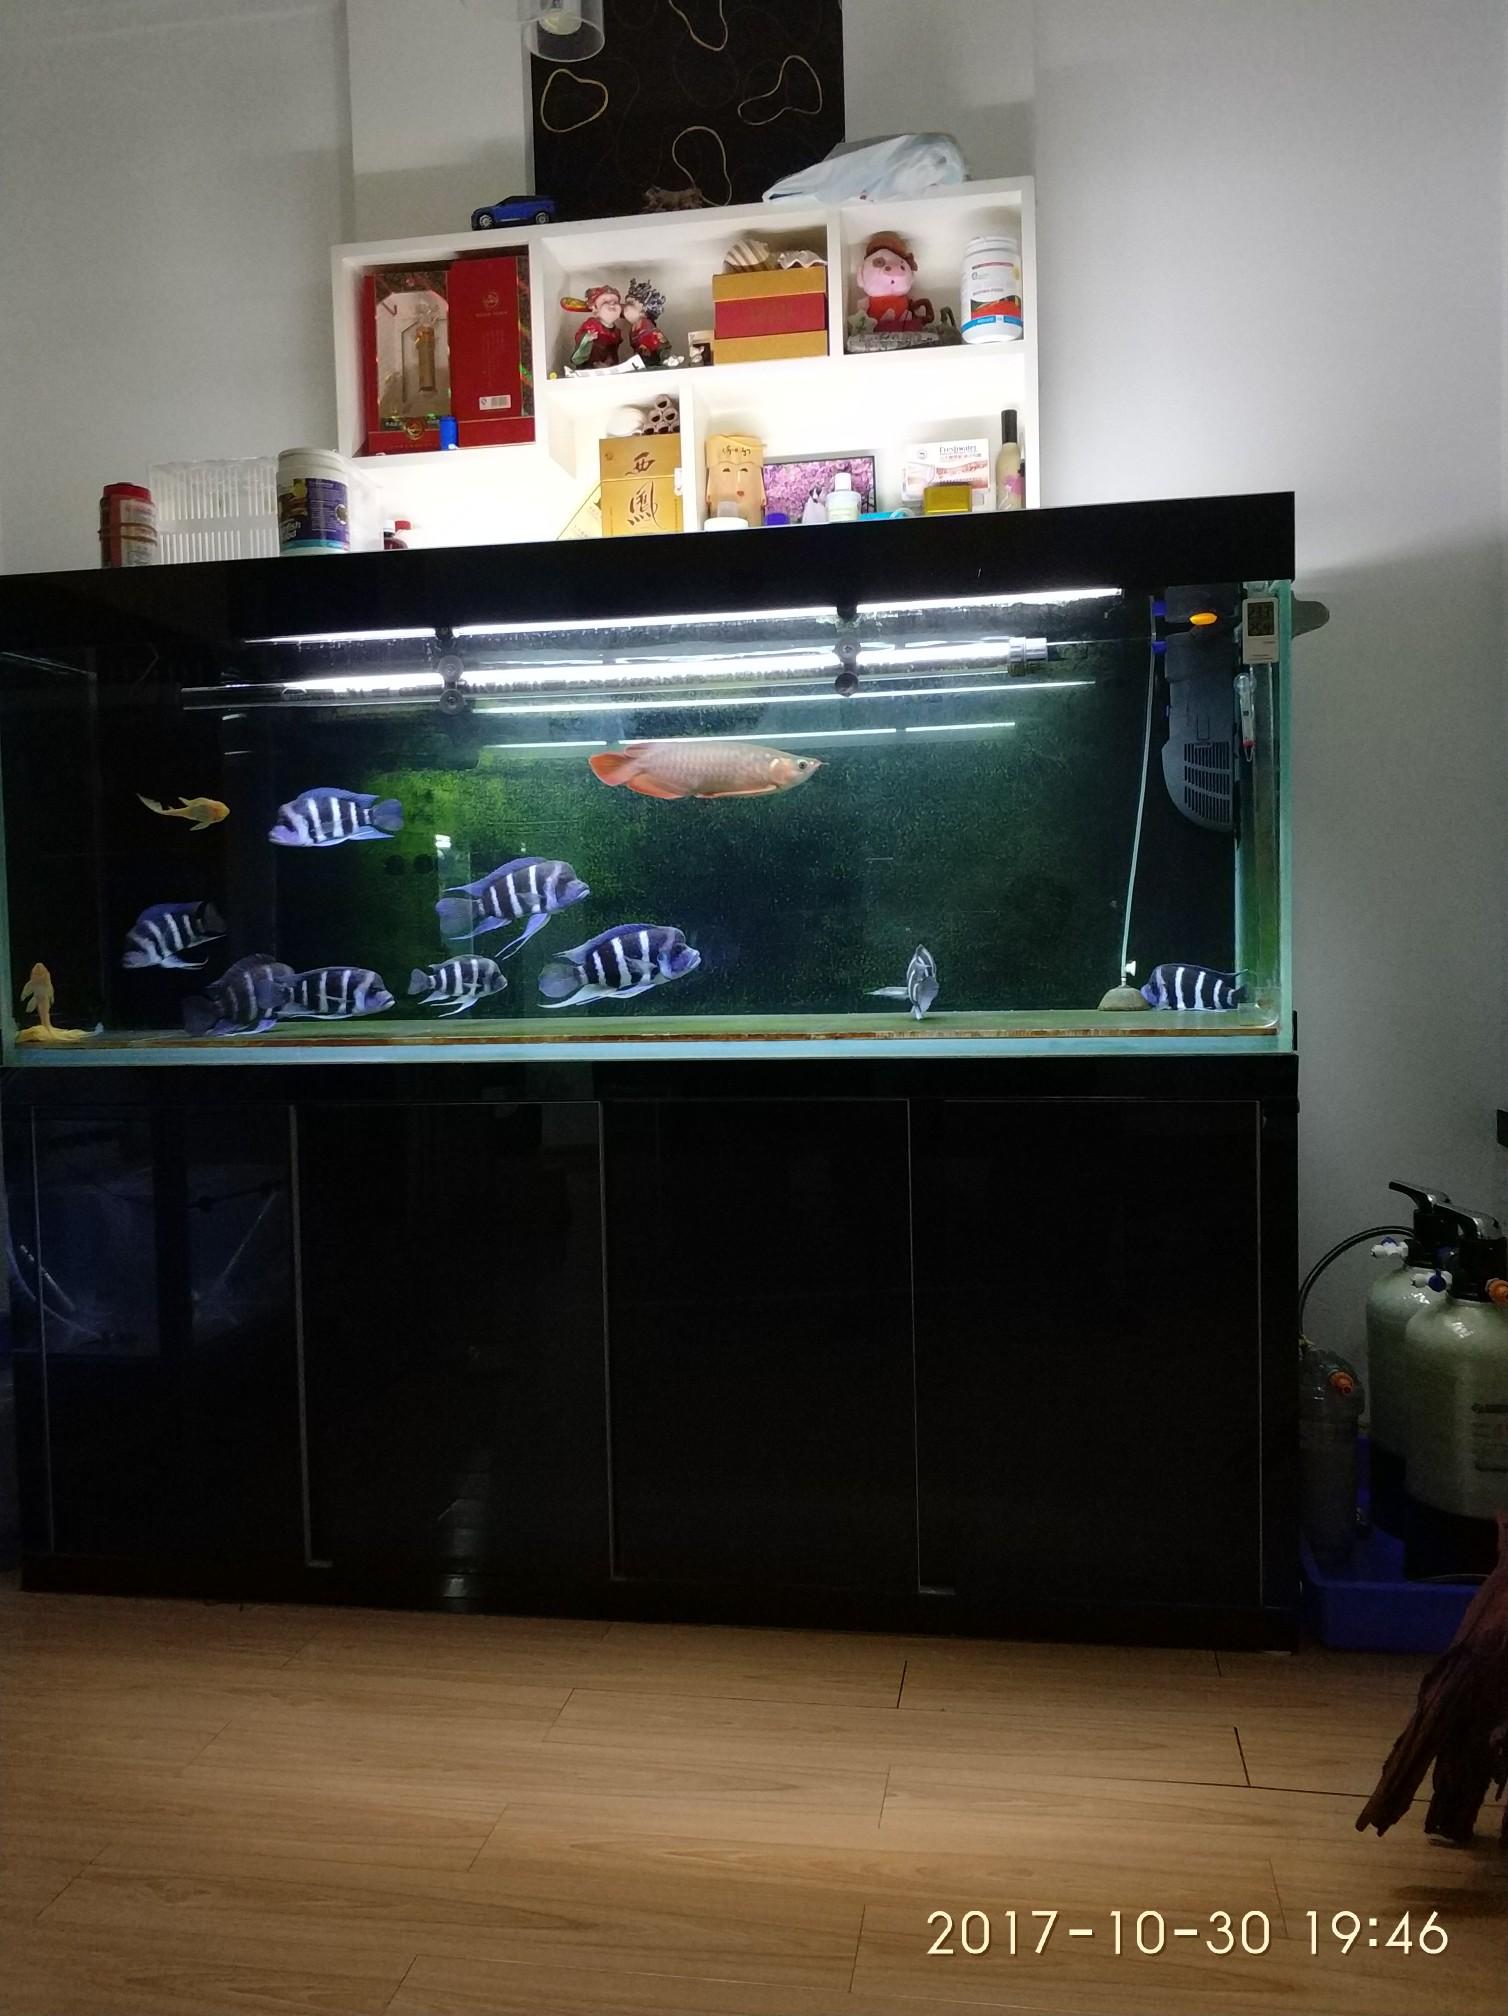 晒晒我的鱼们 西安观赏鱼信息 西安博特第1张